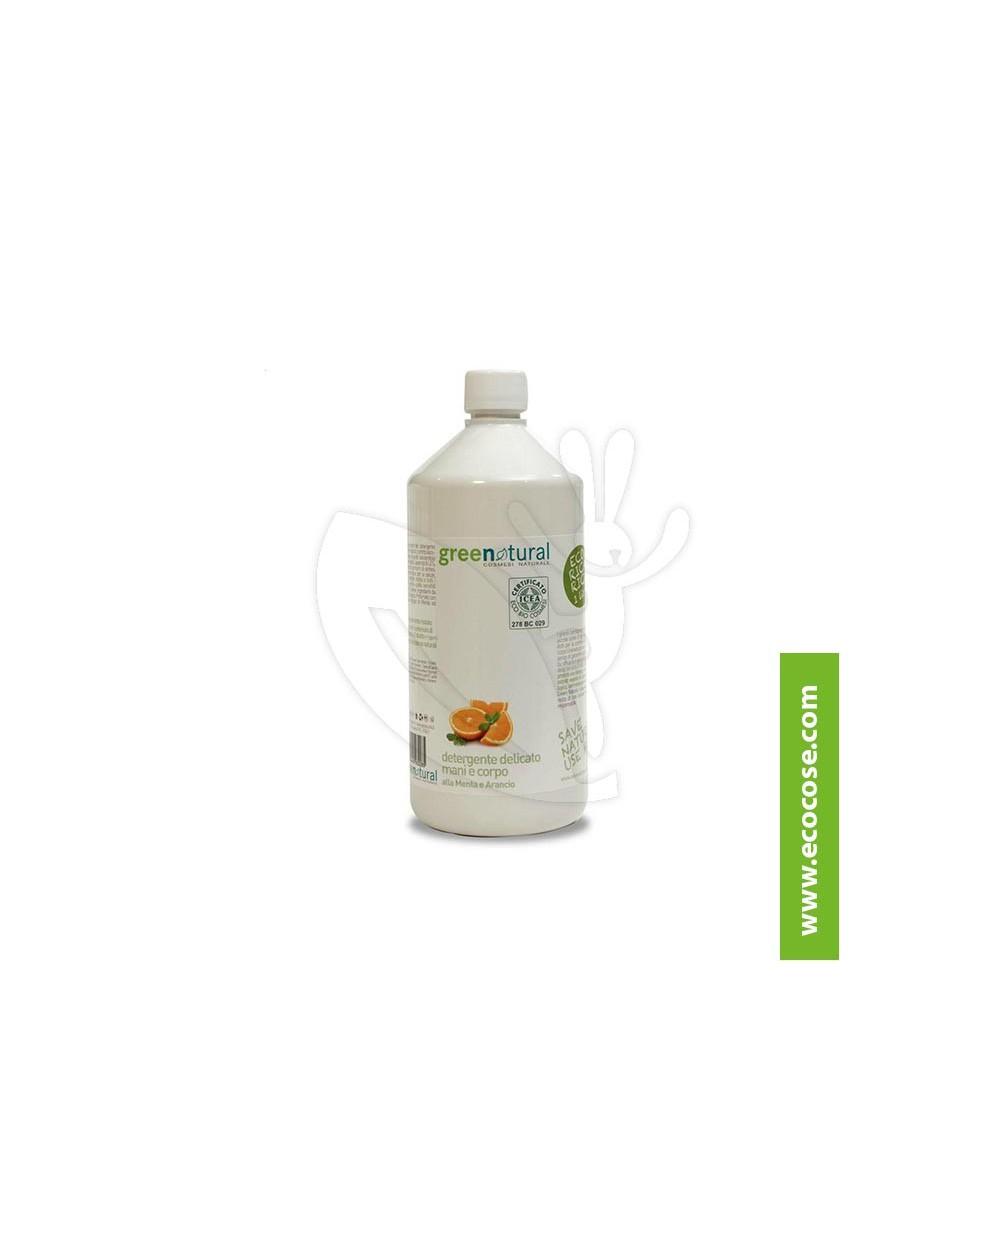 Greenatural - Detergente mani-corpo Menta Arancio RICARICA 1 LITRO